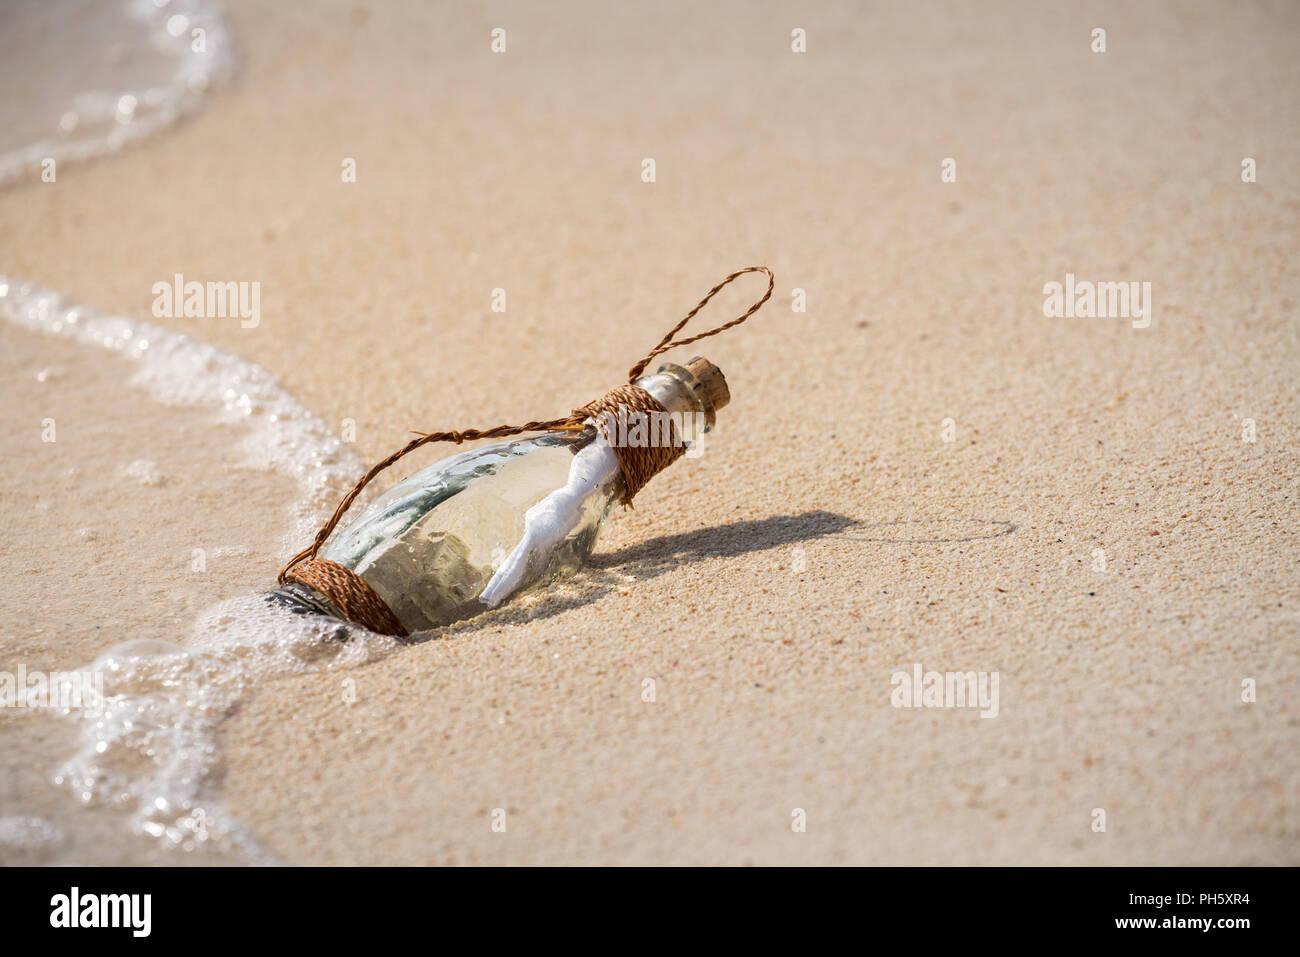 Lettera messaggio in un bicchiere bottiglia trasparente sulla spiaggia , concept per la comunicazione. Immagini Stock